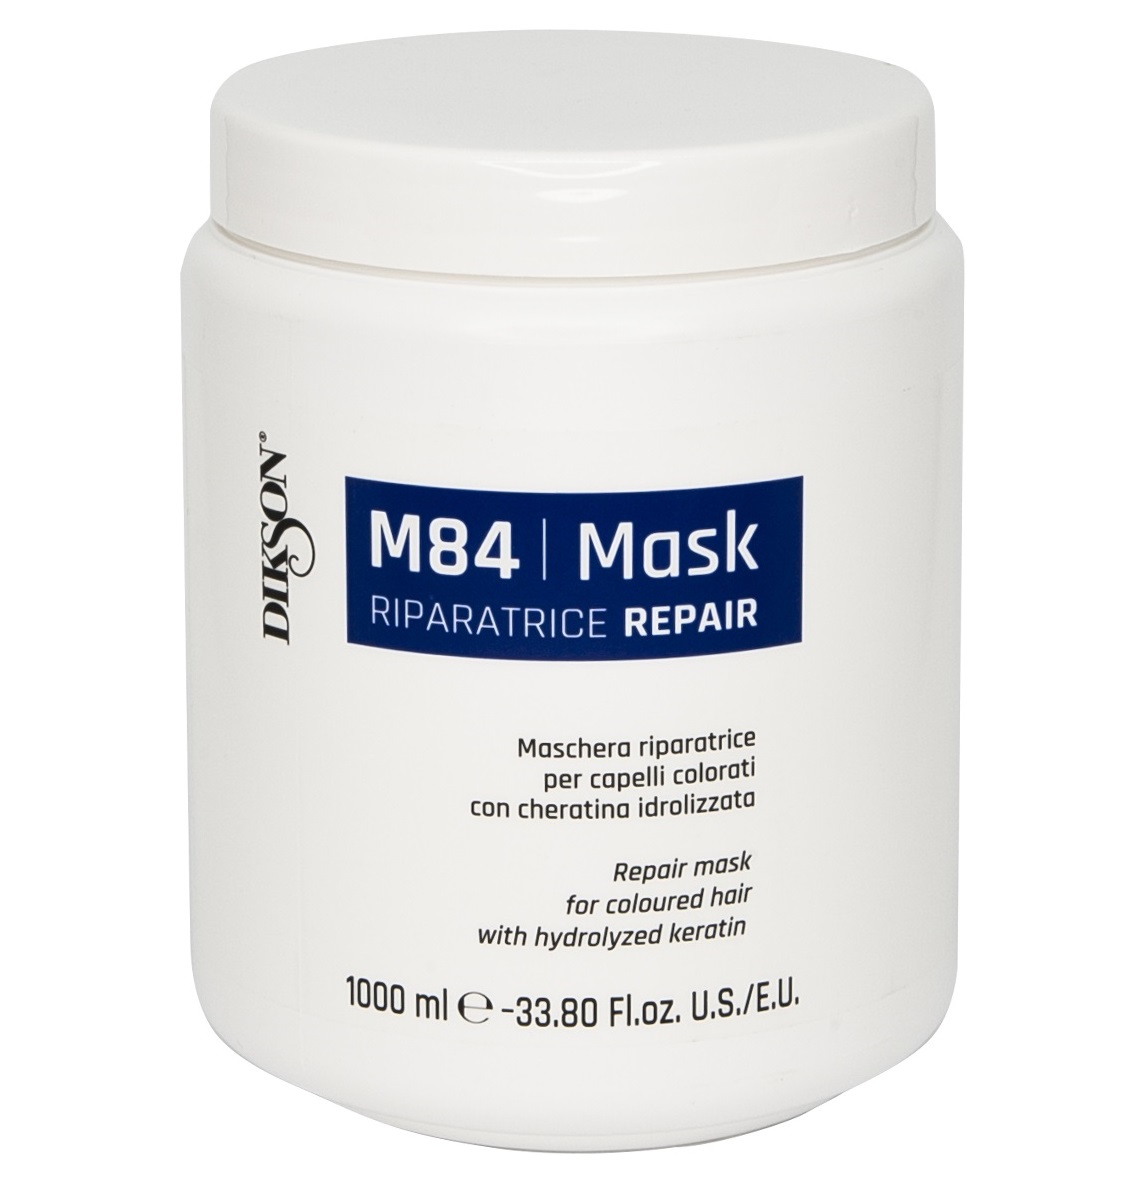 Купить DIKSON Маска восстанавливающая для окрашенных волос с гидролизированным кератином / MASK R REPAIR M84 1000 мл